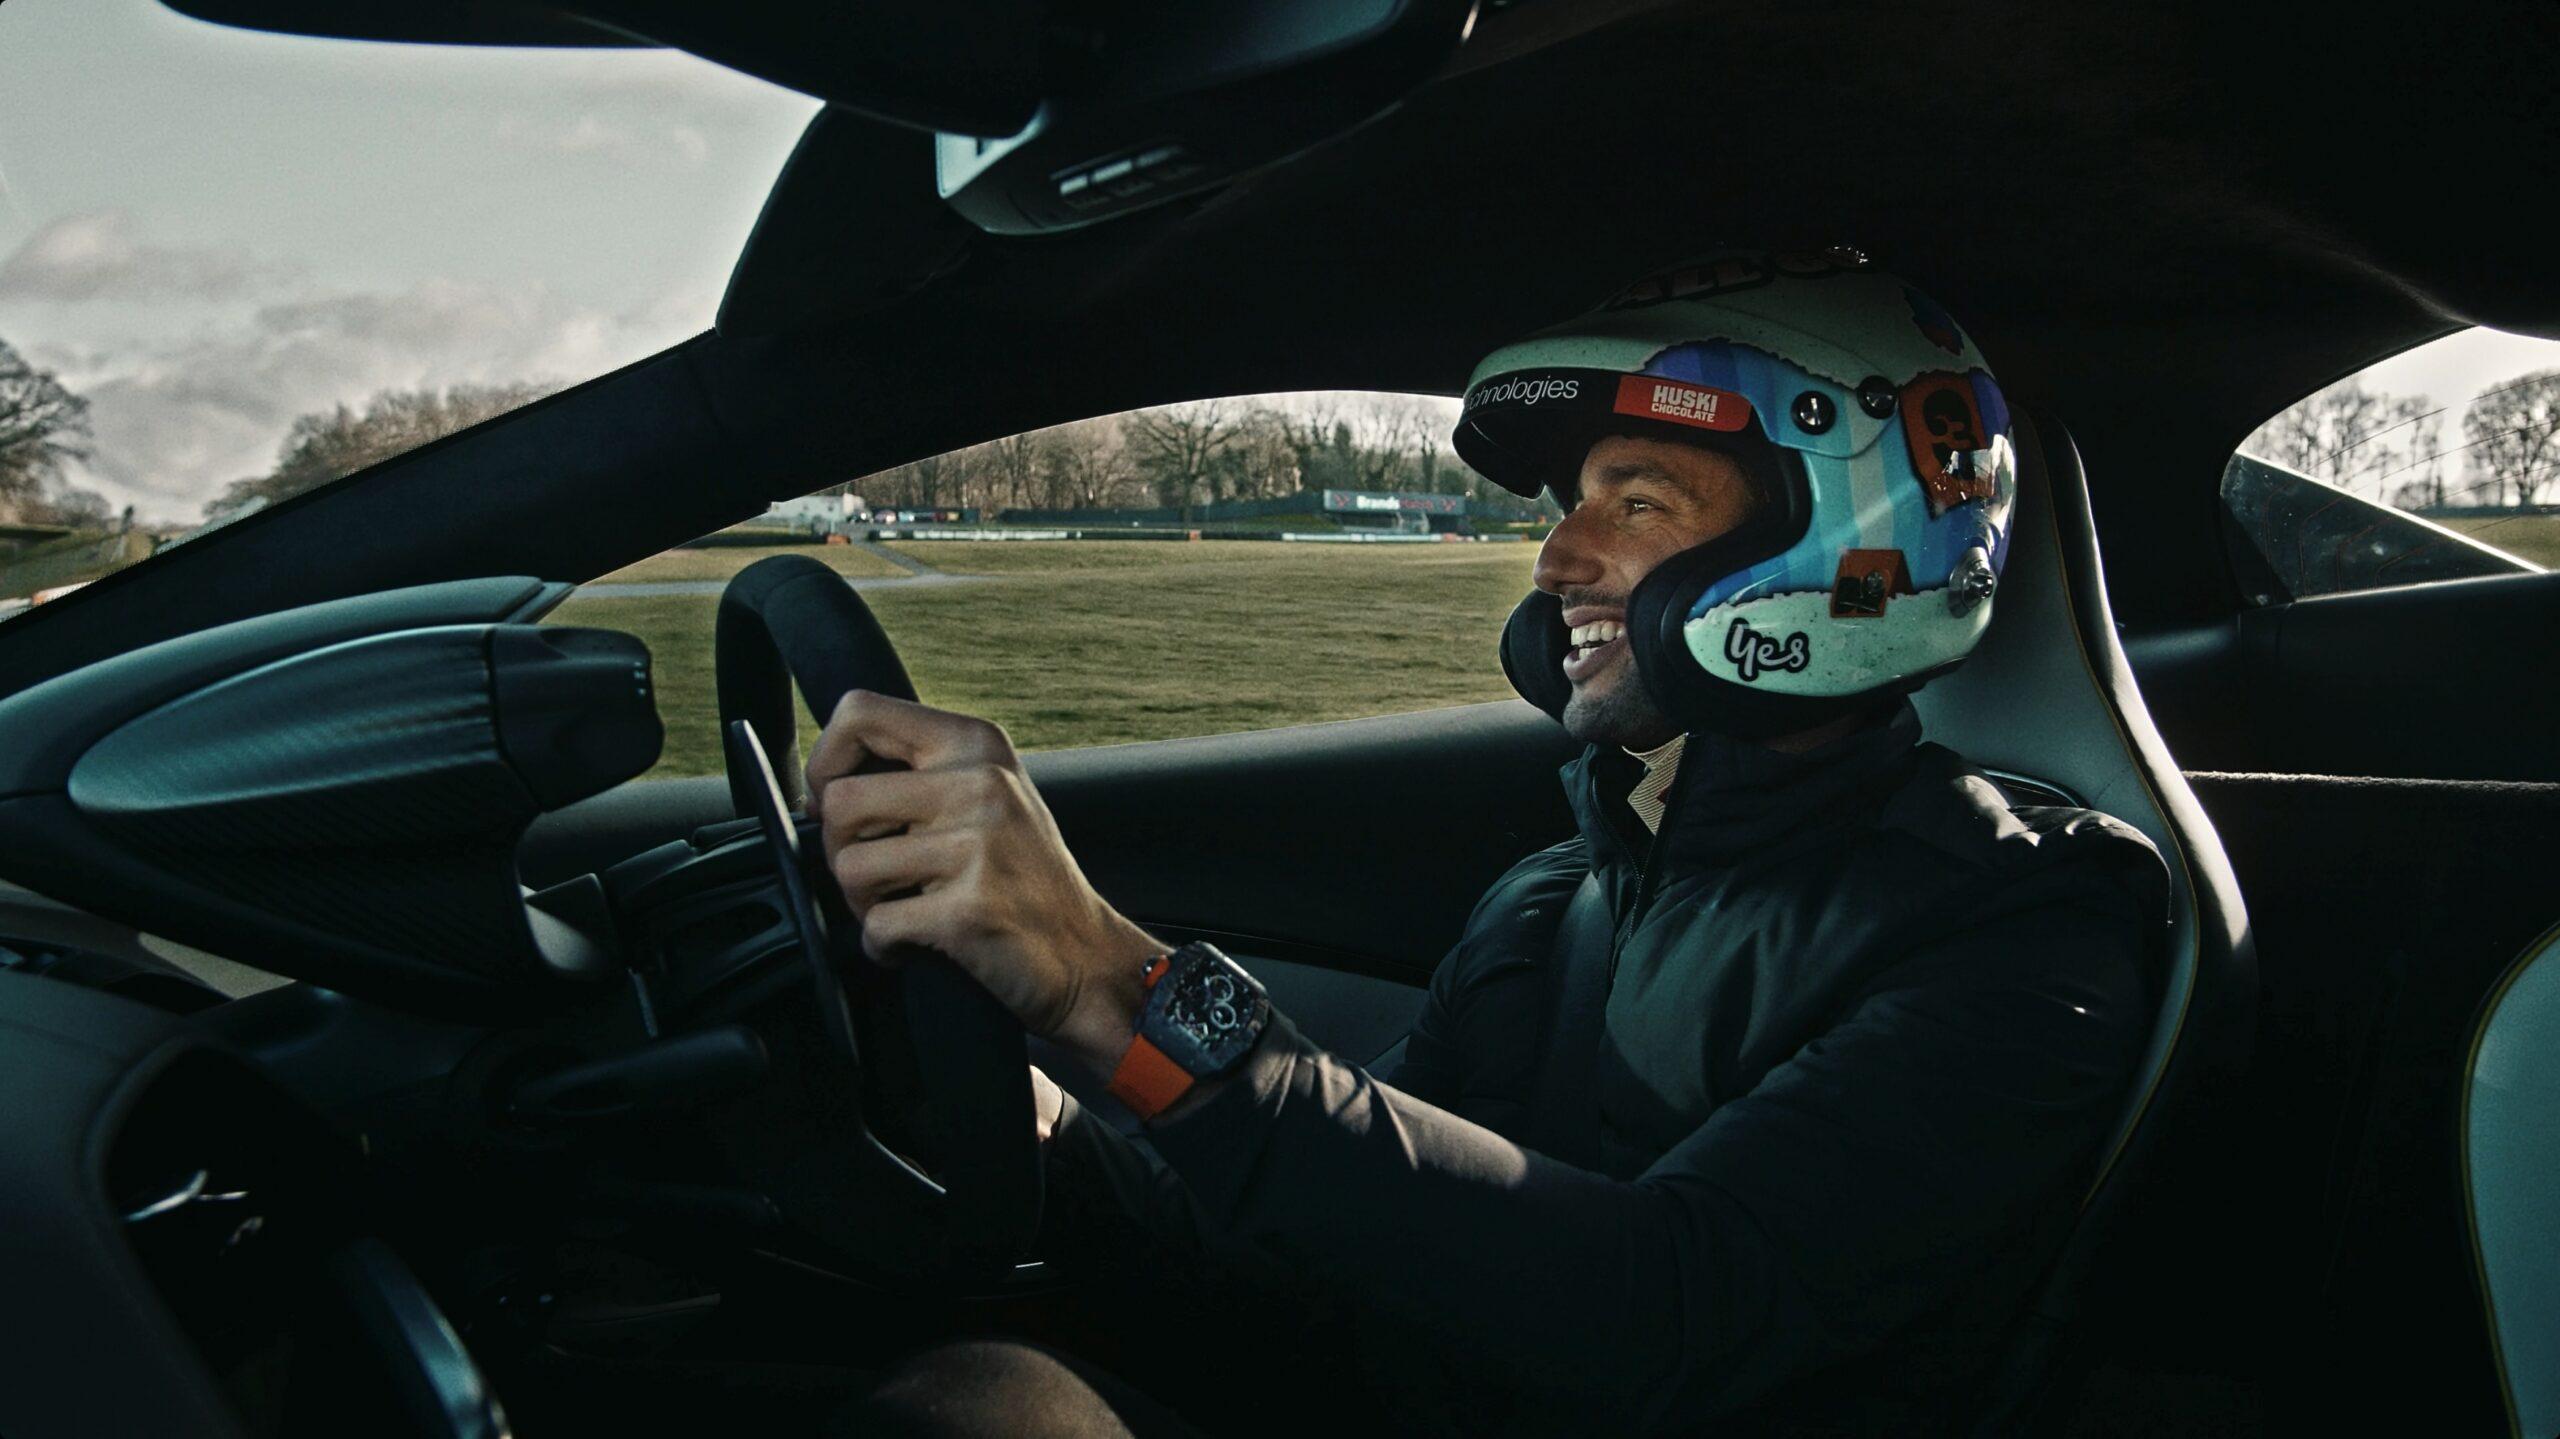 Ricciardo, pilota di F1, ha provato in anteprima la nuova McLaren Artura.